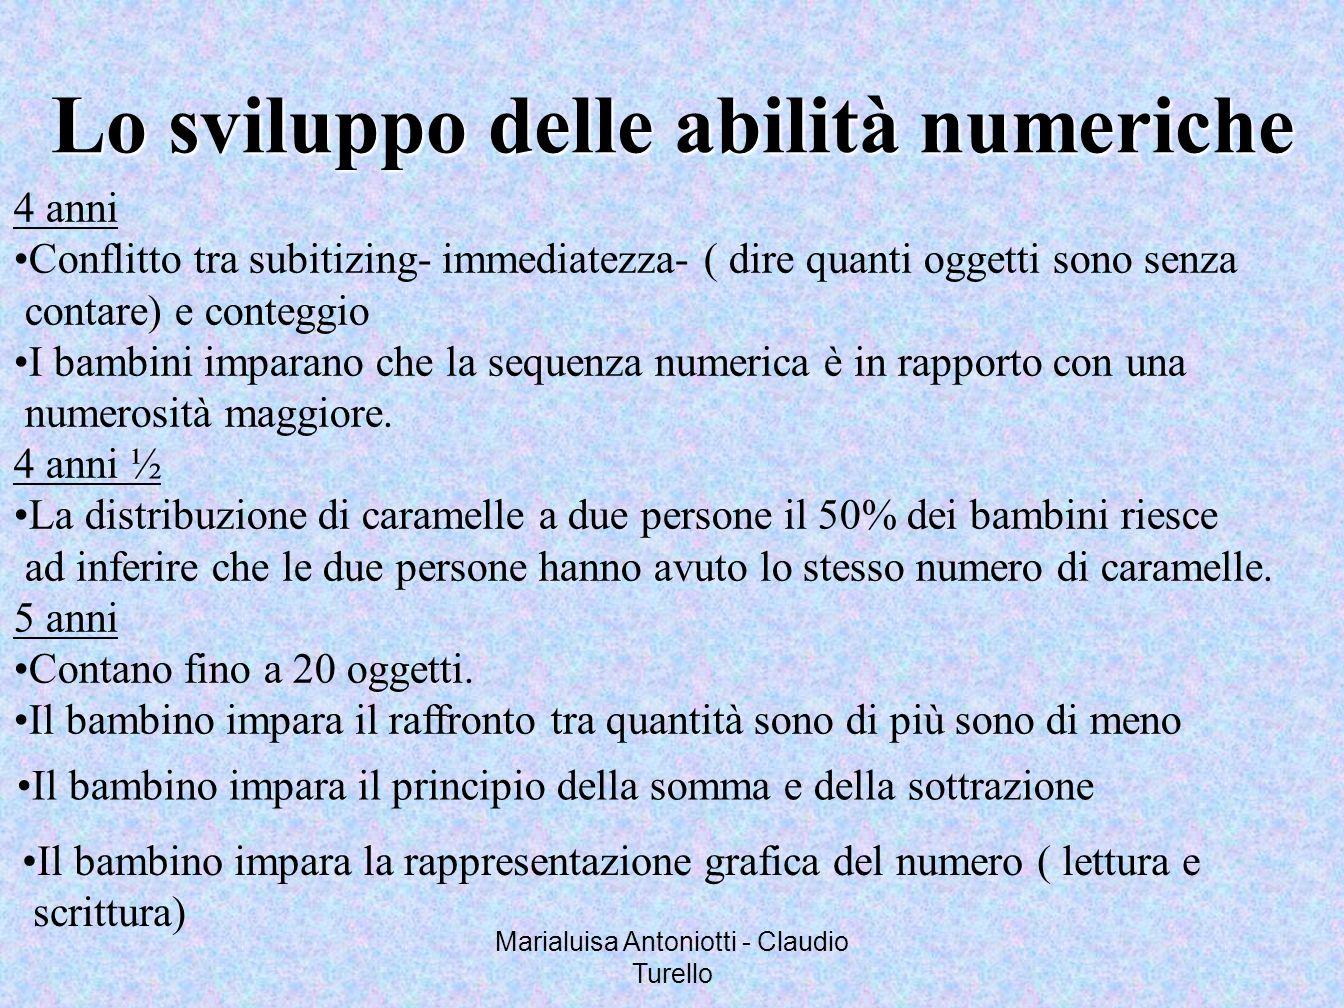 Marialuisa Antoniotti - Claudio Turello Lo sviluppo delle abilità numeriche 4 anni Conflitto tra subitizing- immediatezza- ( dire quanti oggetti sono